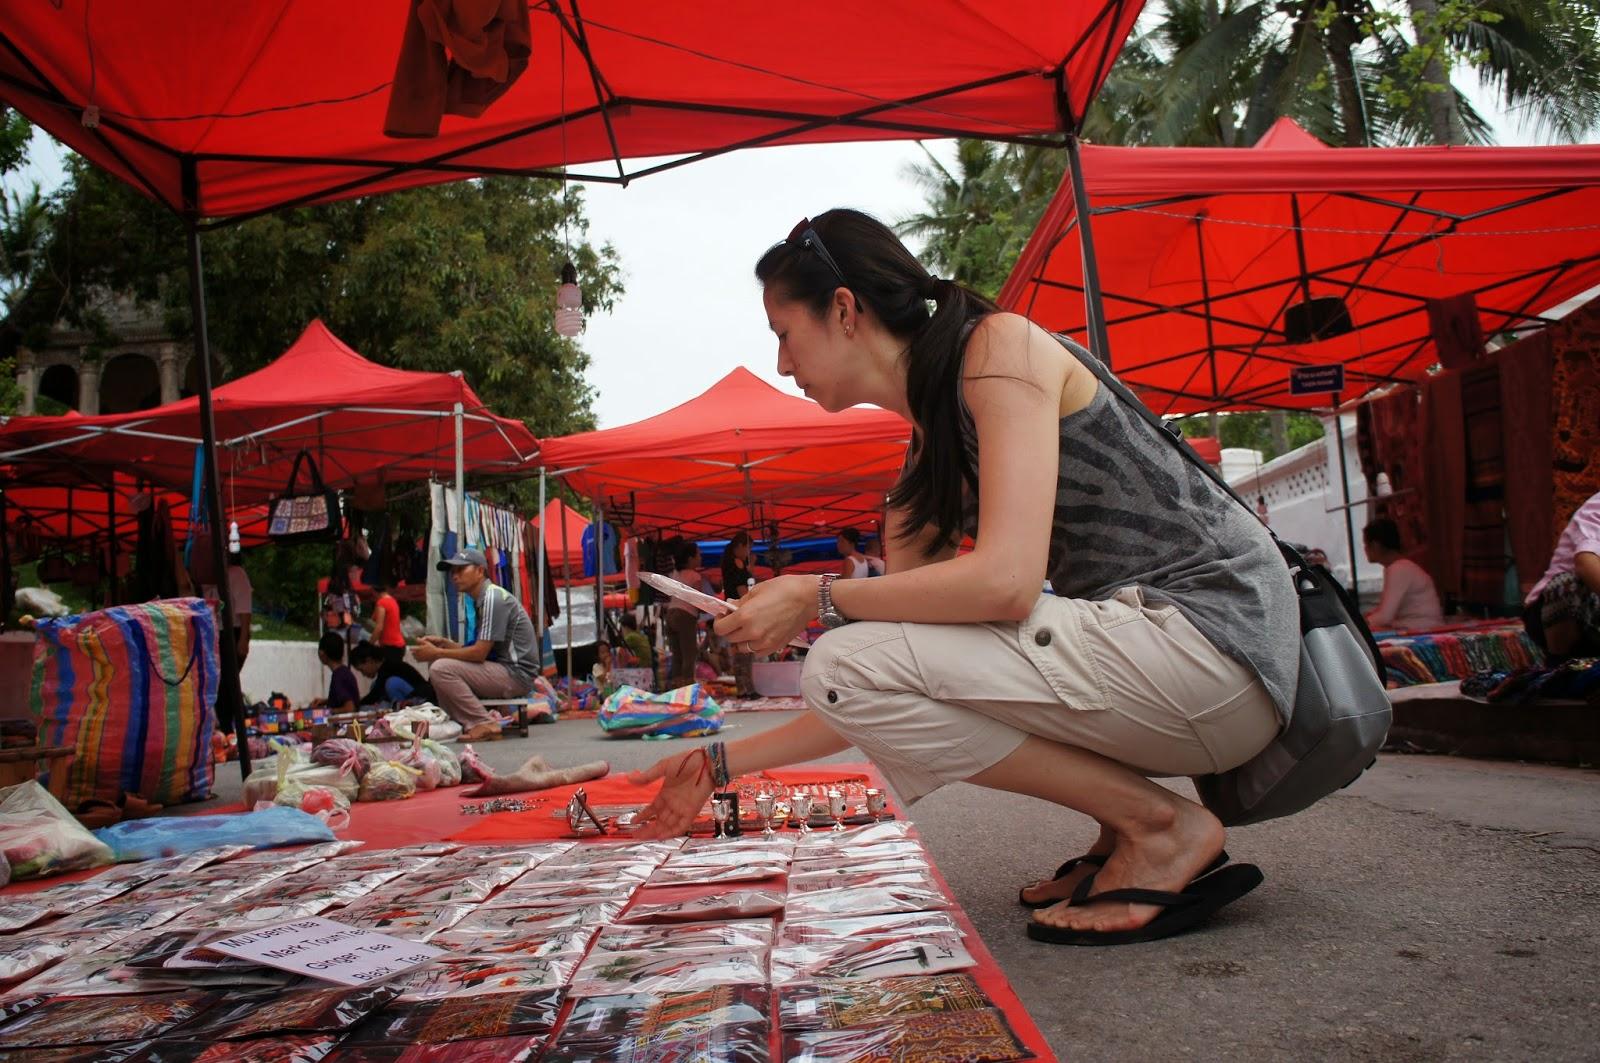 Luang Prabang - Doing some shopping at the night market